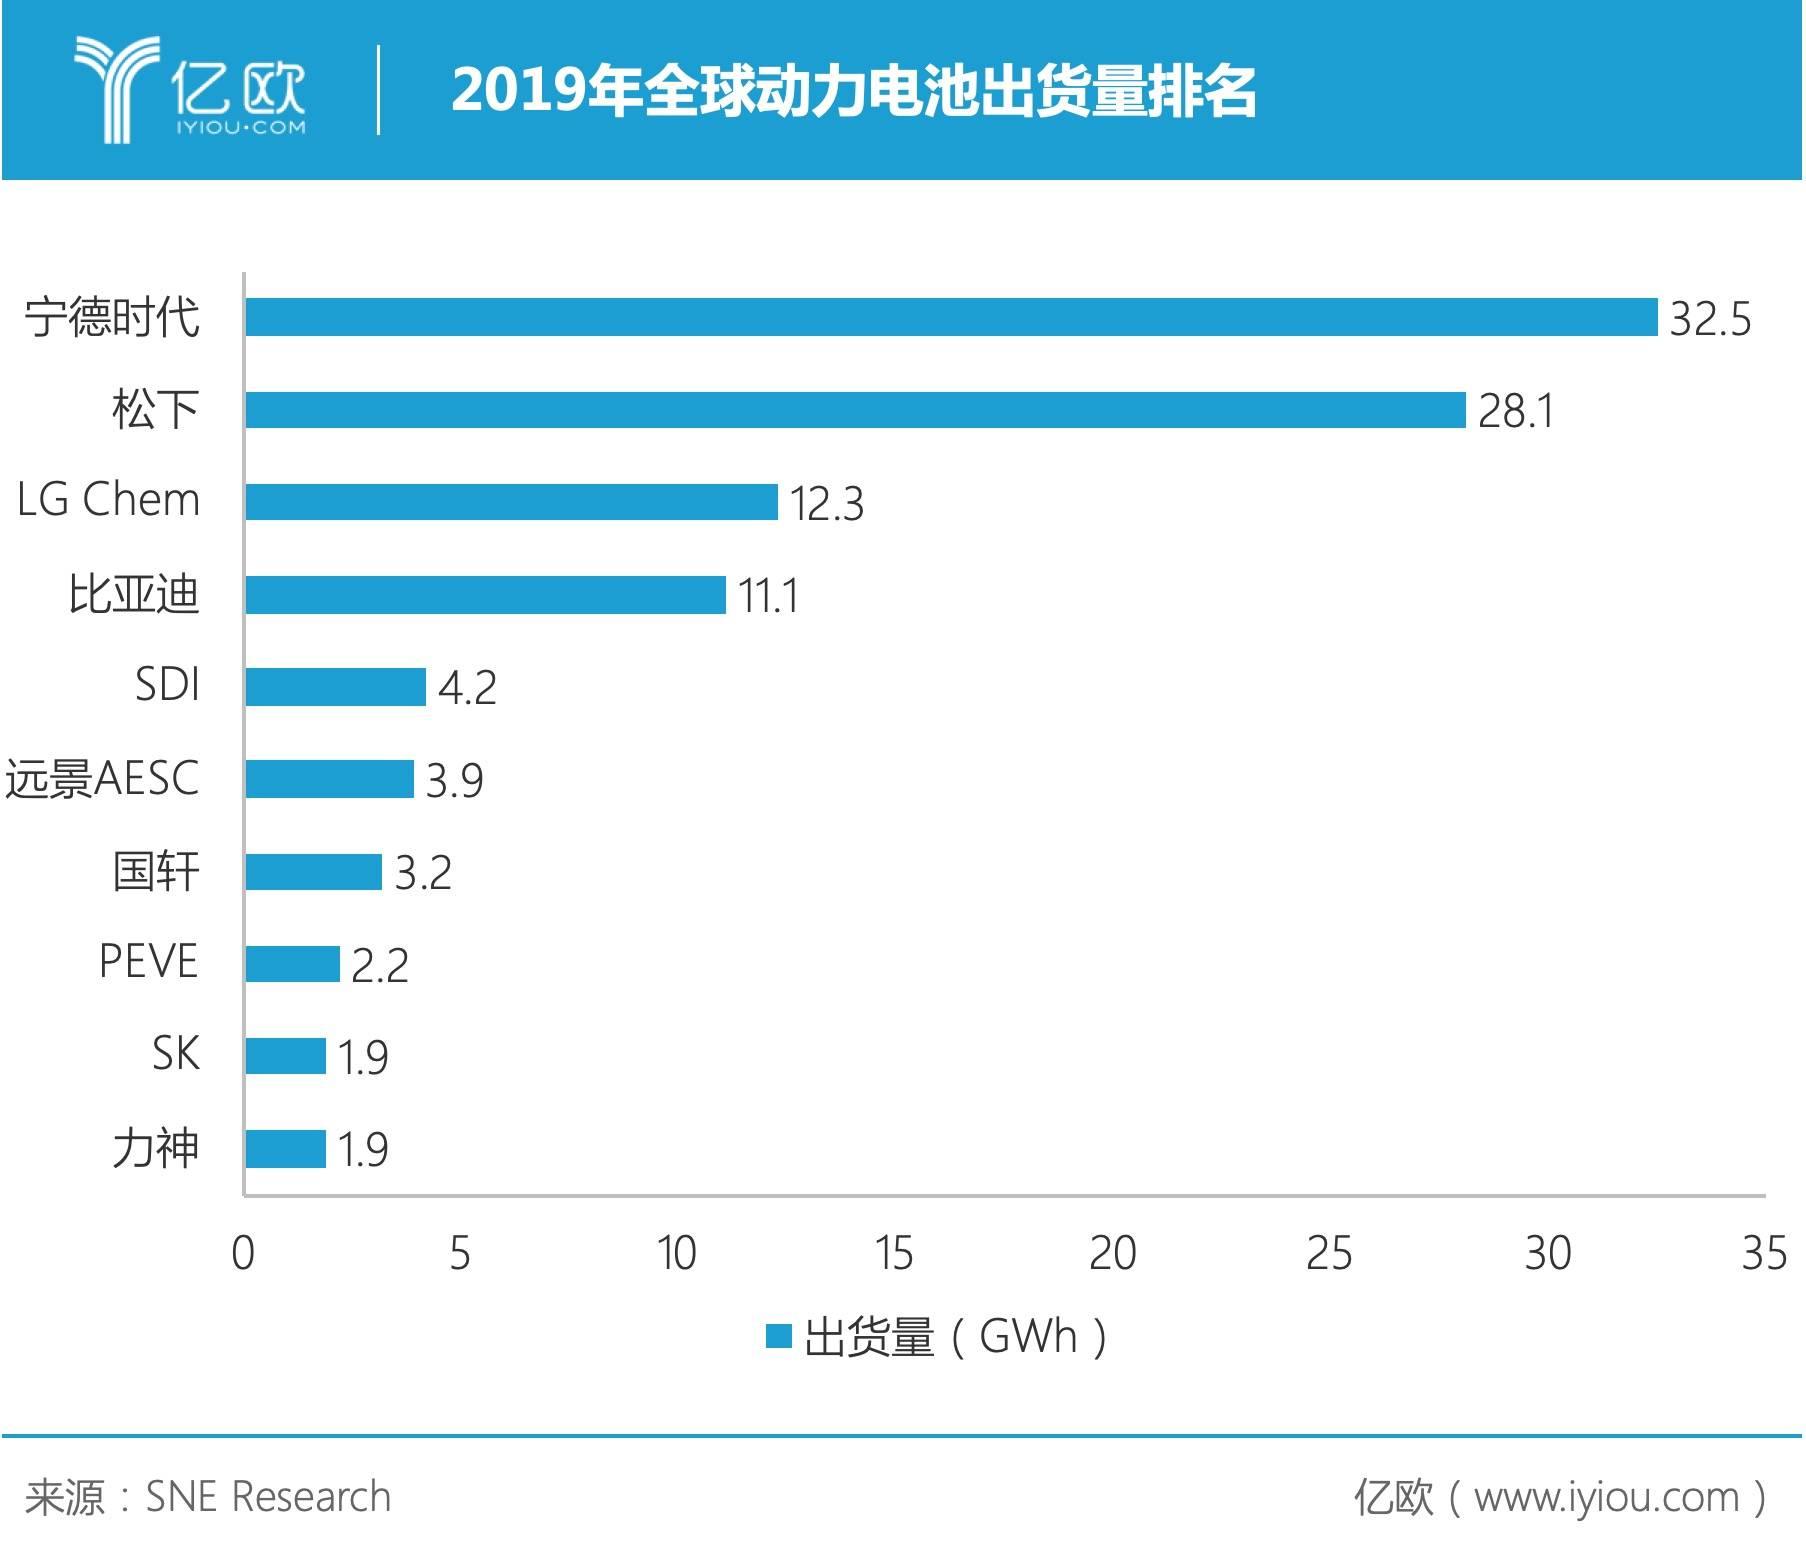 2019年全球动力电池出货量排名